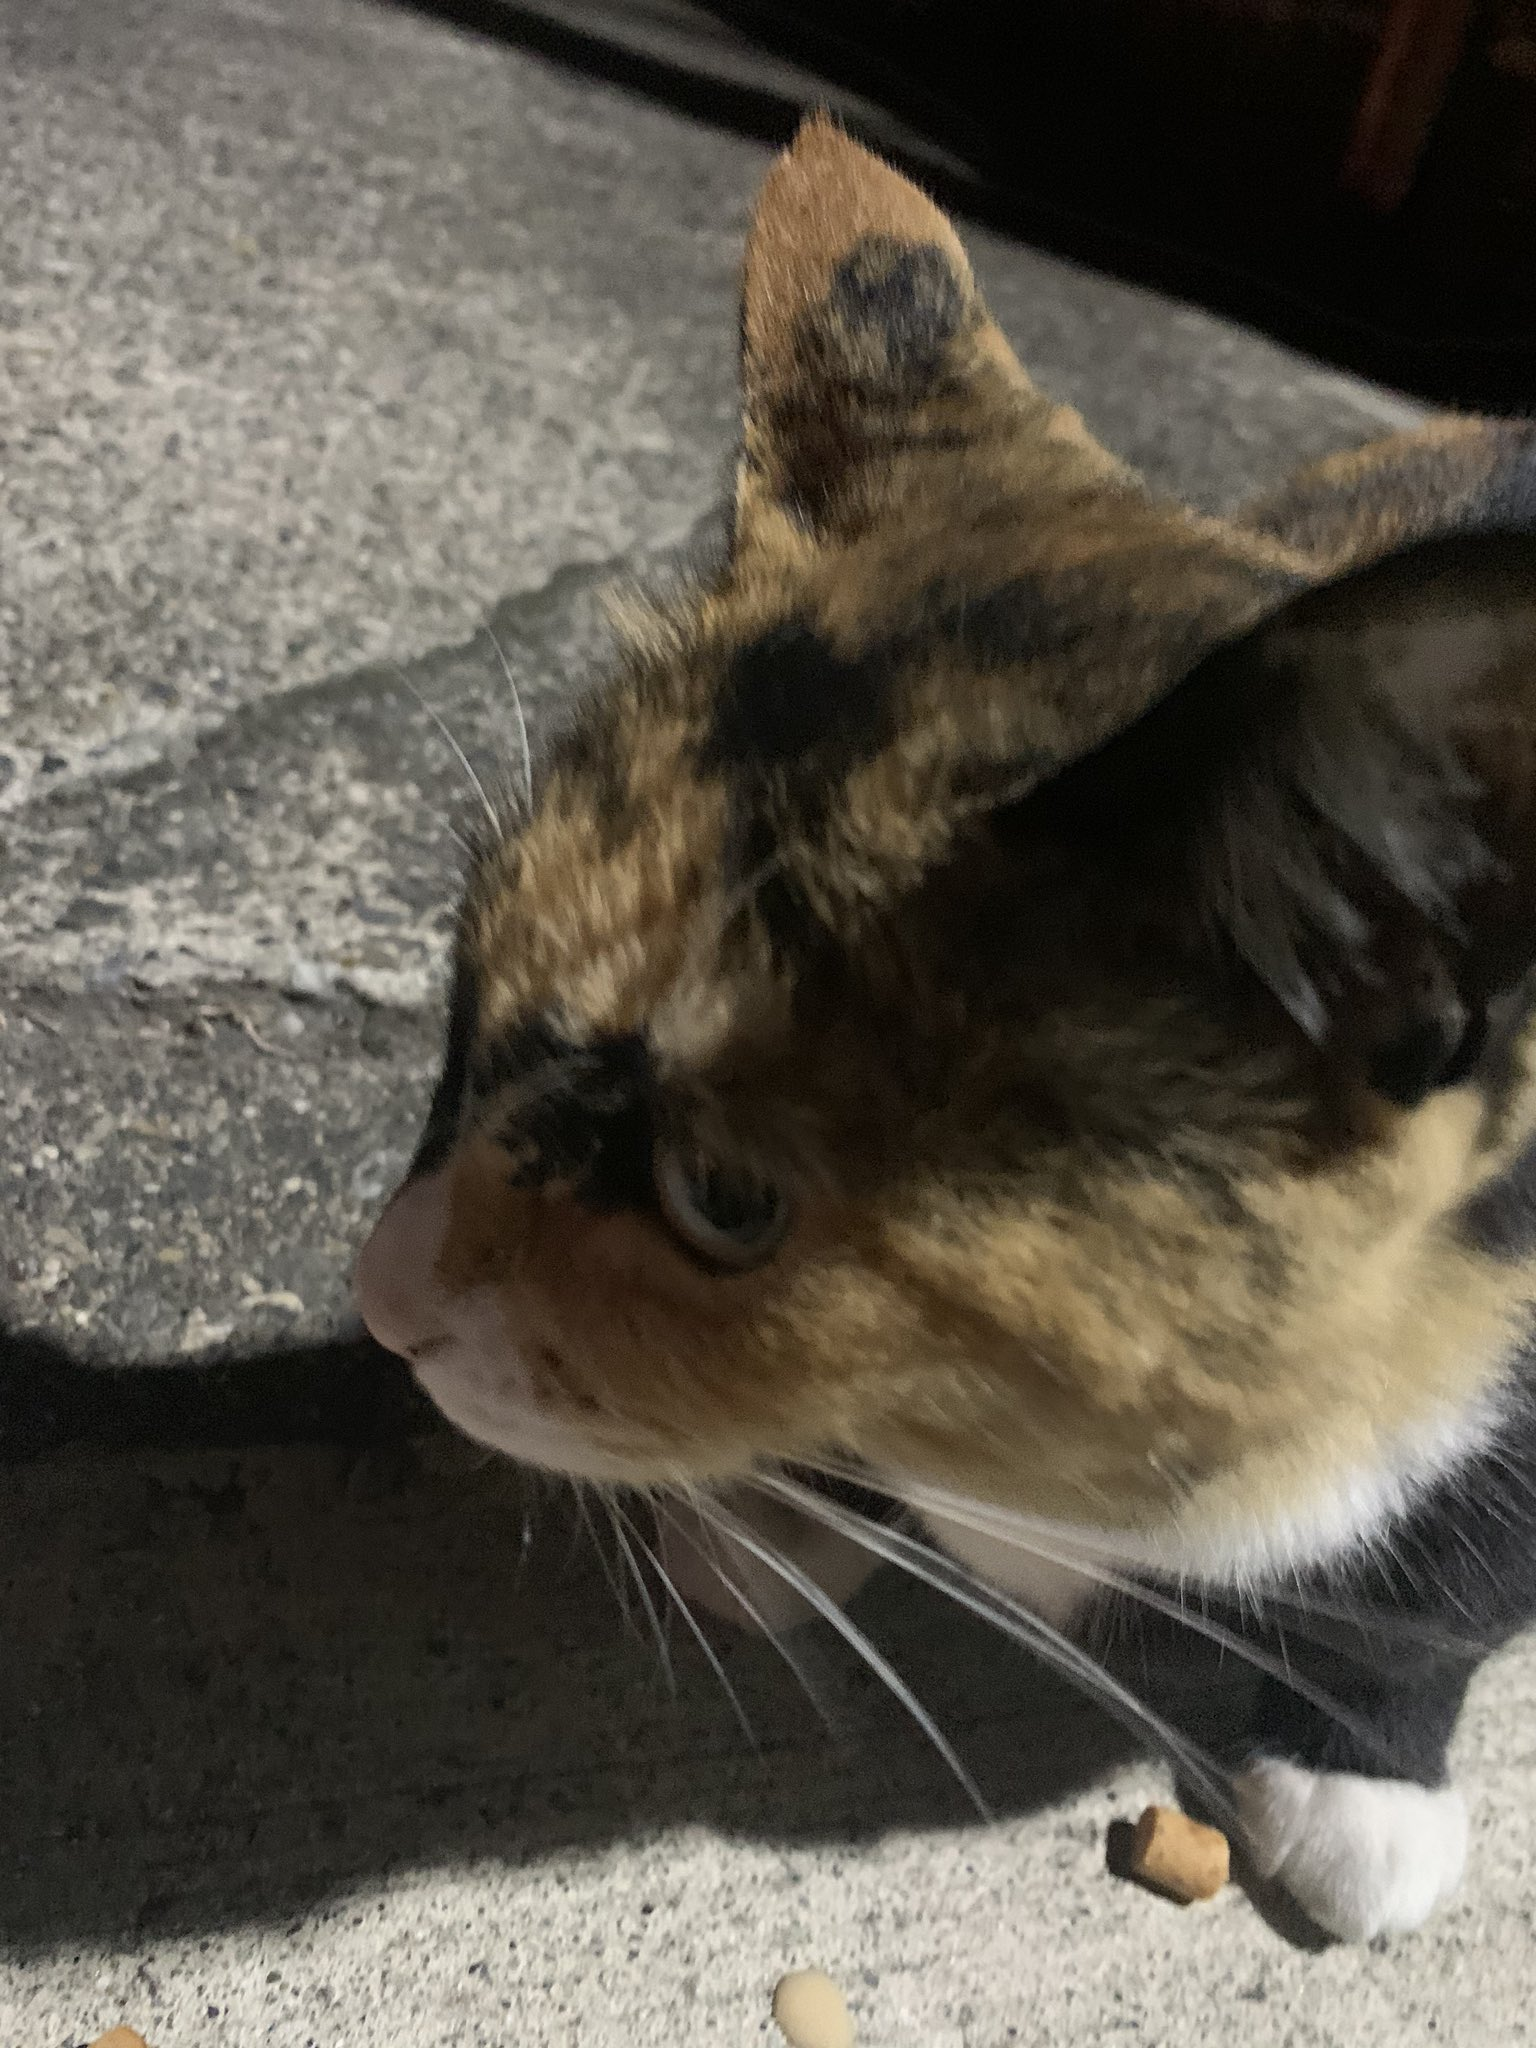 画像,昨日の夜は名古屋まで行って、のあち=ツキノと再会。最後までちゃんと可愛いのは本当にすごいと思いました。帰り道、国府宮駅近辺で可愛い猫と交流。 https://t…